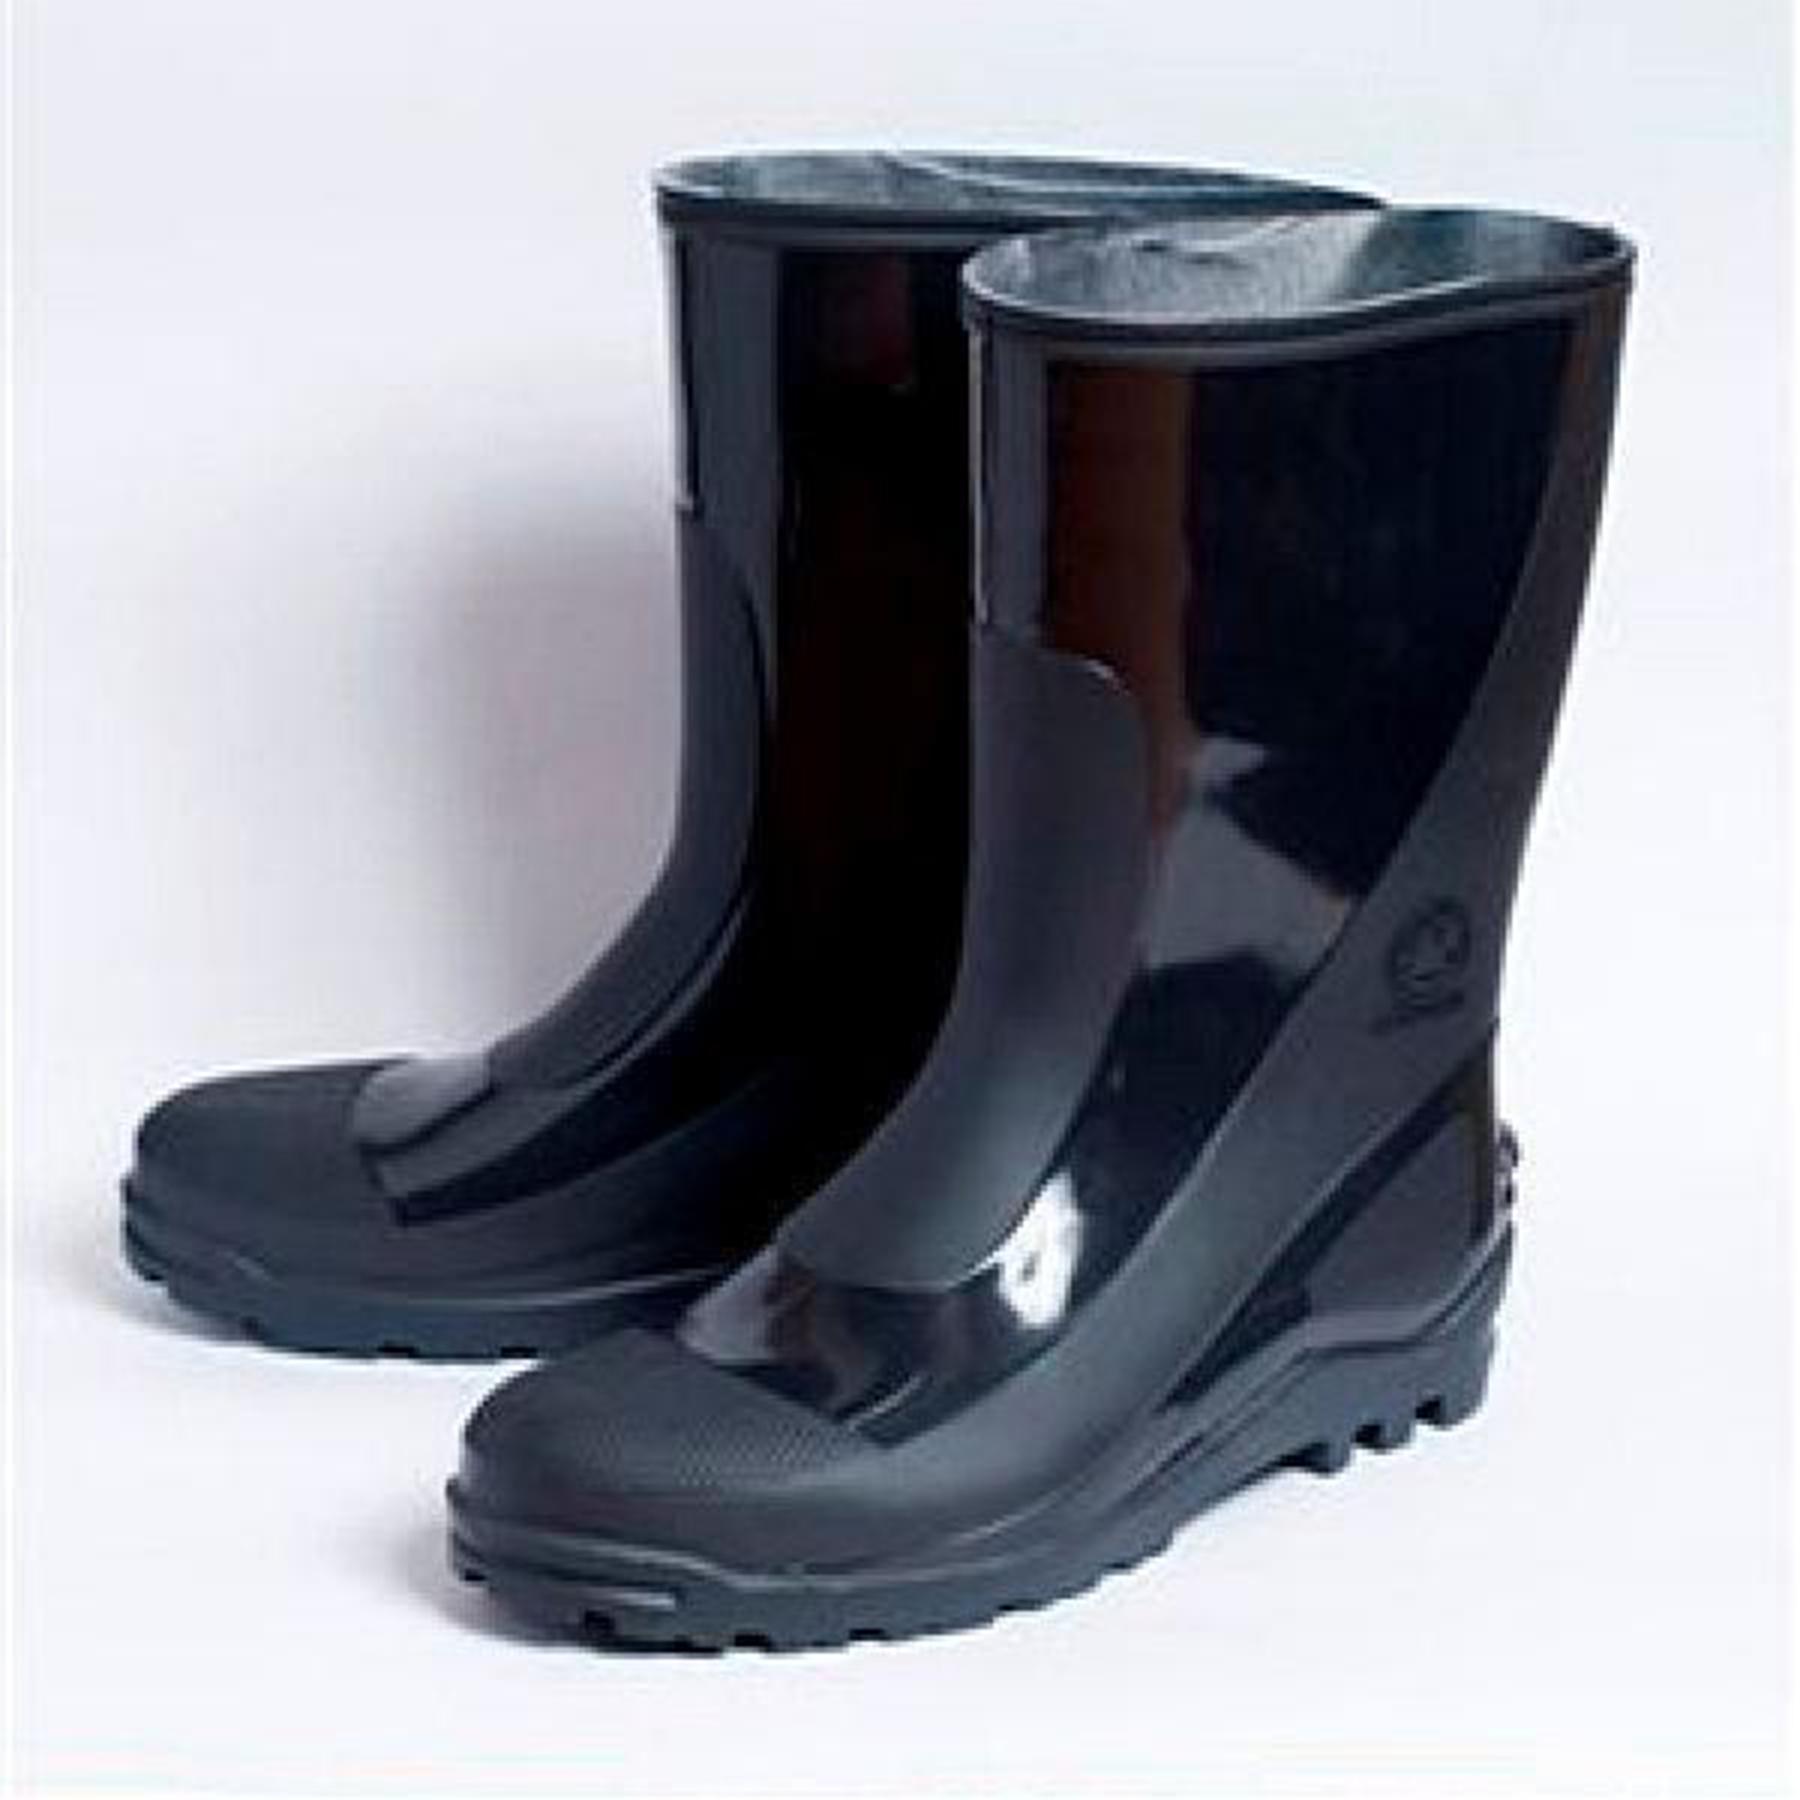 Сапоги ПВХ мужские 95-77 р.44 цвет черный/олива высота 30см